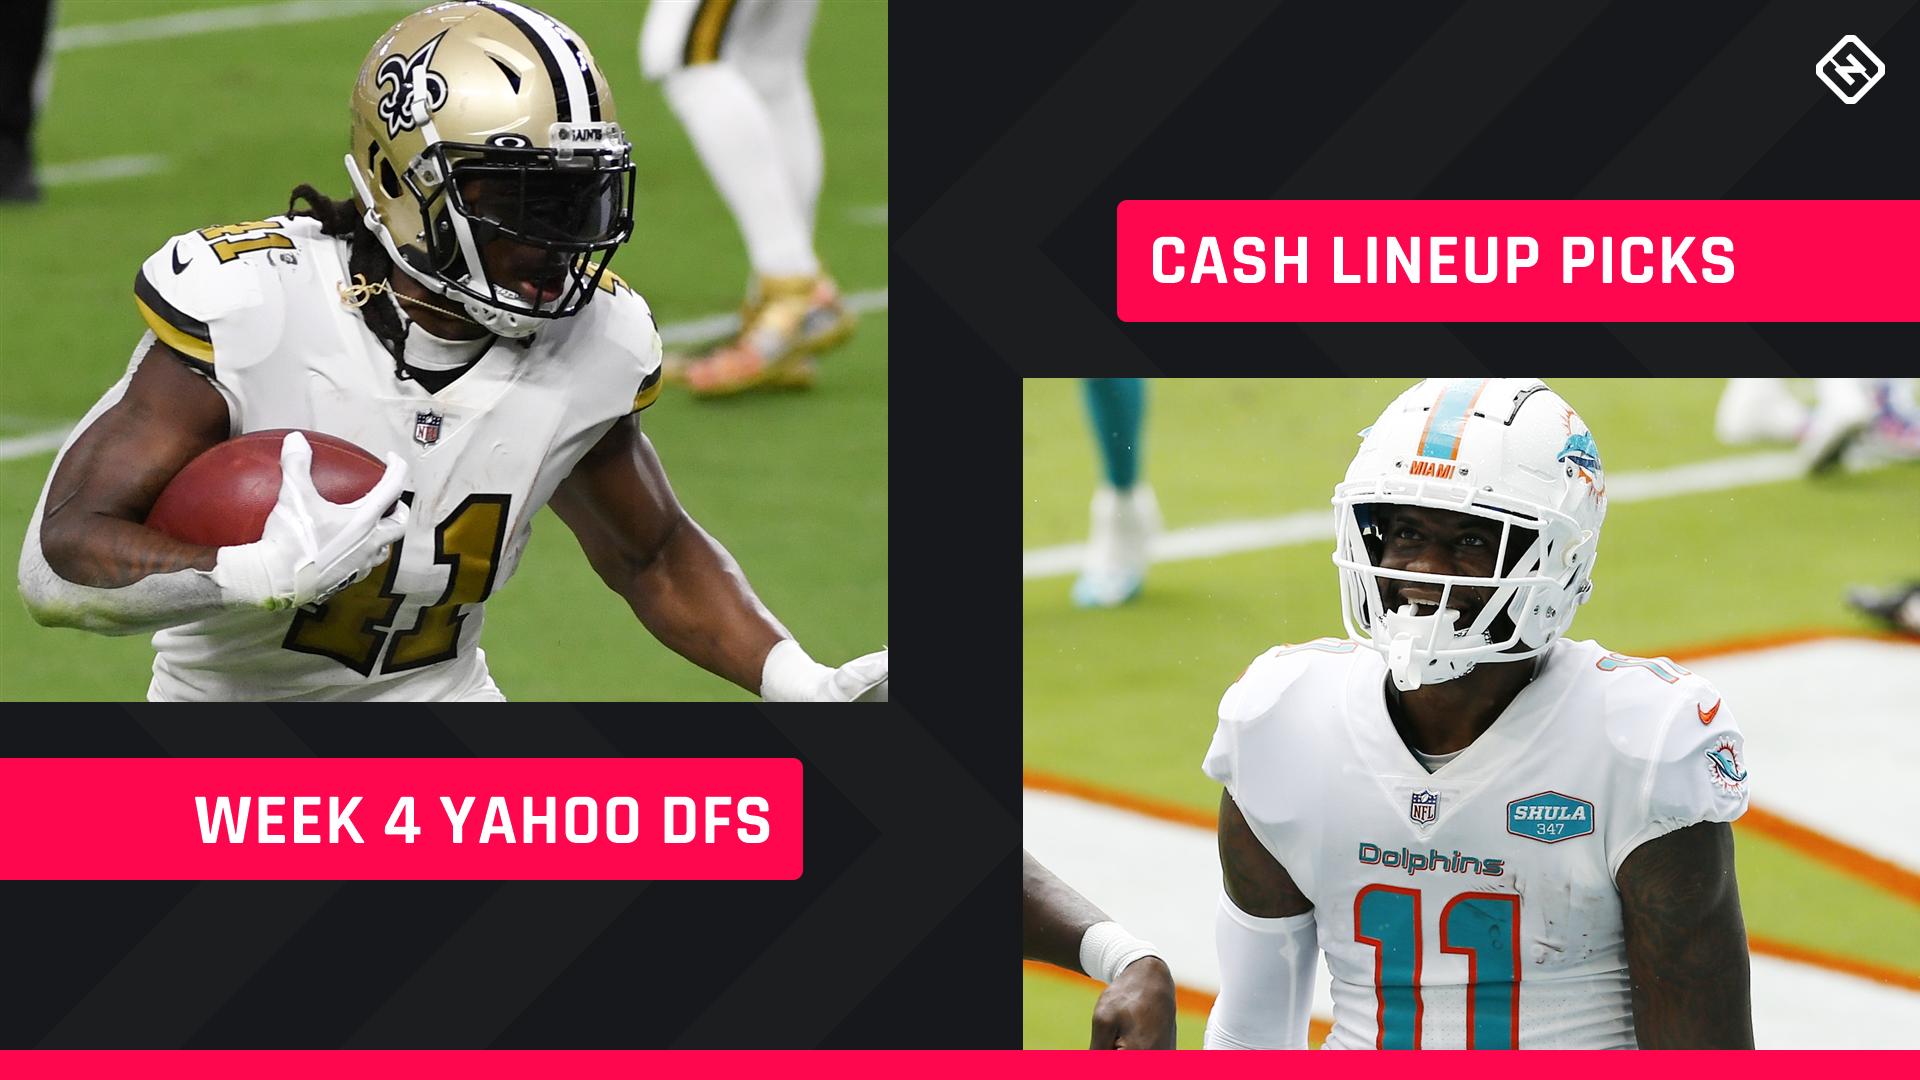 Semana 4, Yahoo Fantasy Football Picks: conselhos sobre a escalação NFL DFS para jogos a dinheiro